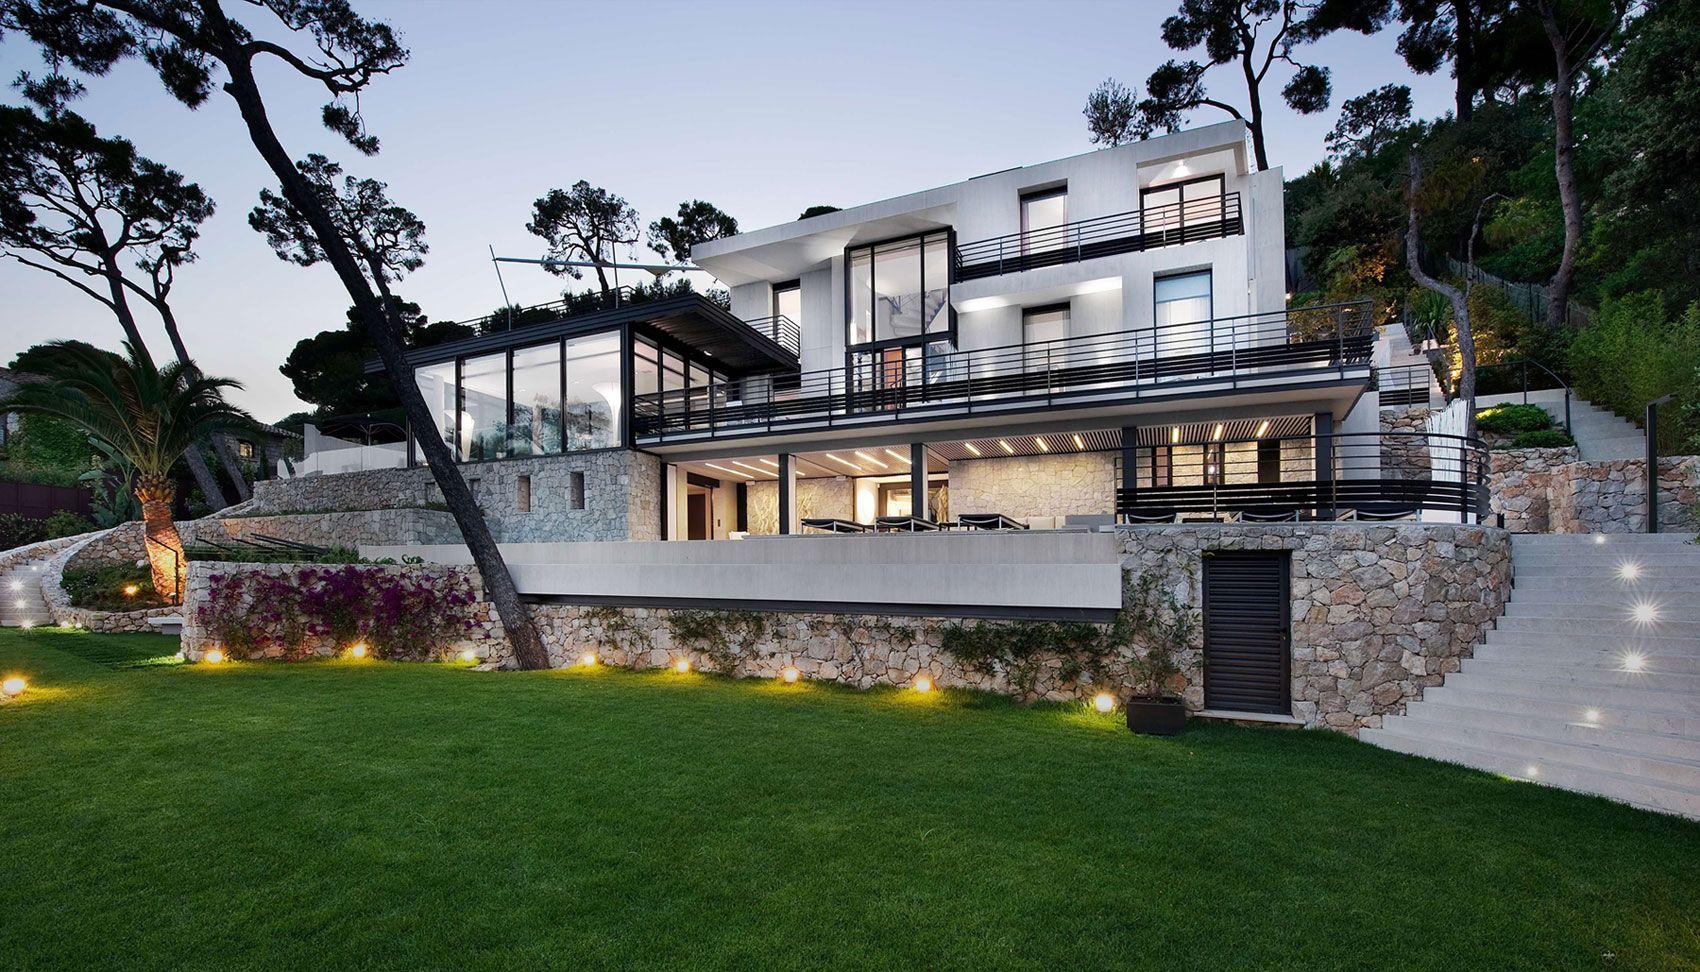 Hausdesign mit zwei schlafzimmern luxus nachhaltige grüne architektur design mit schwarz stahl zaun